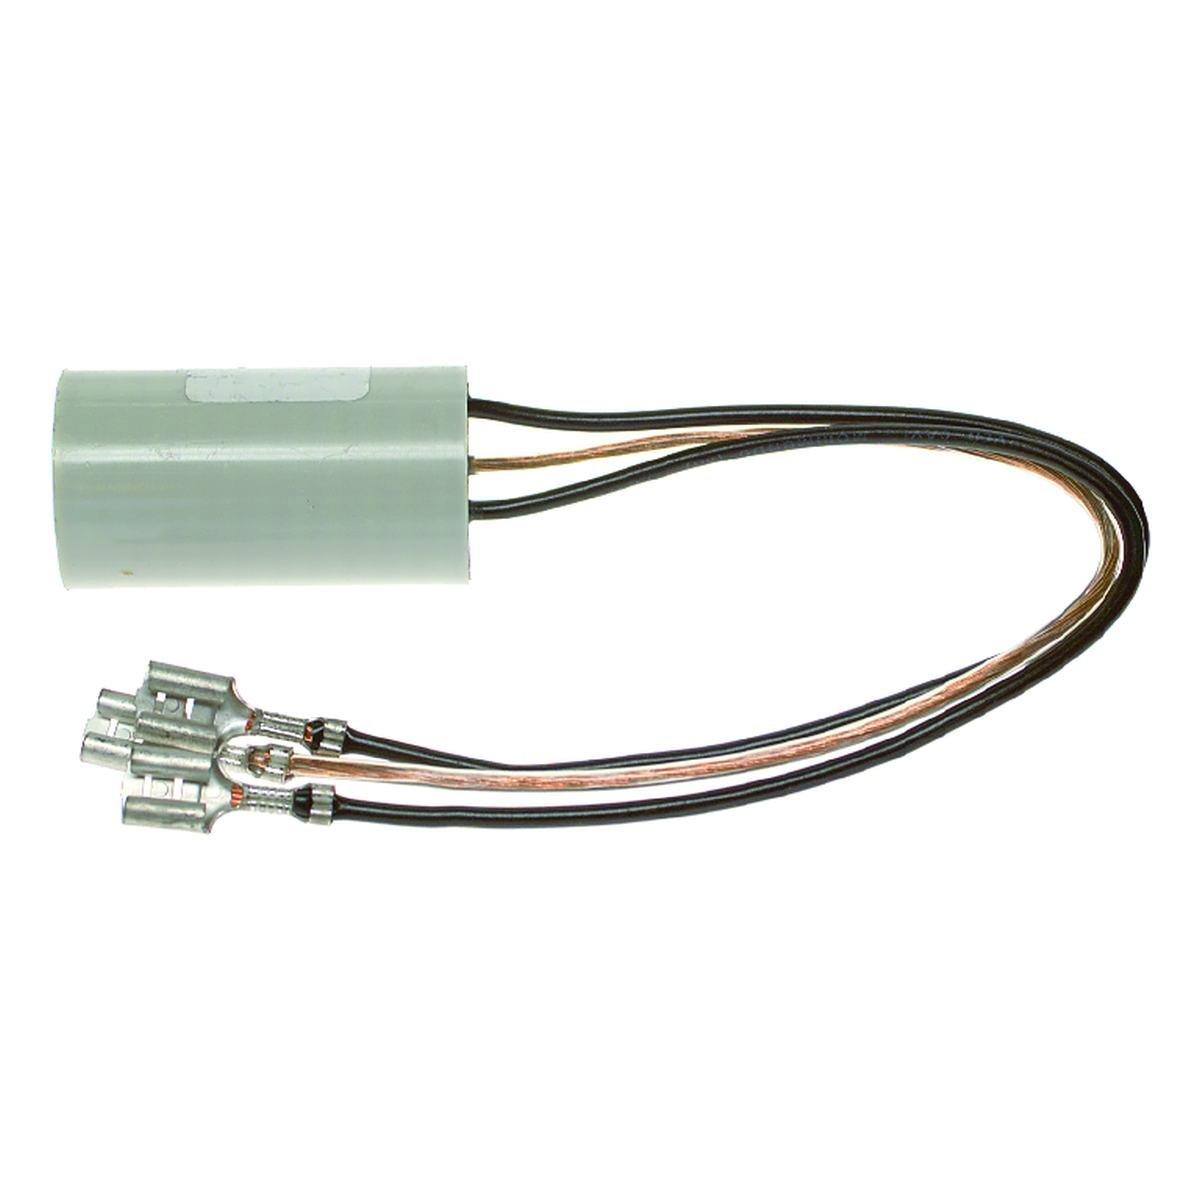 Støjkondensator 0,1µF+2x0,025µF+2x2,2 MOhm